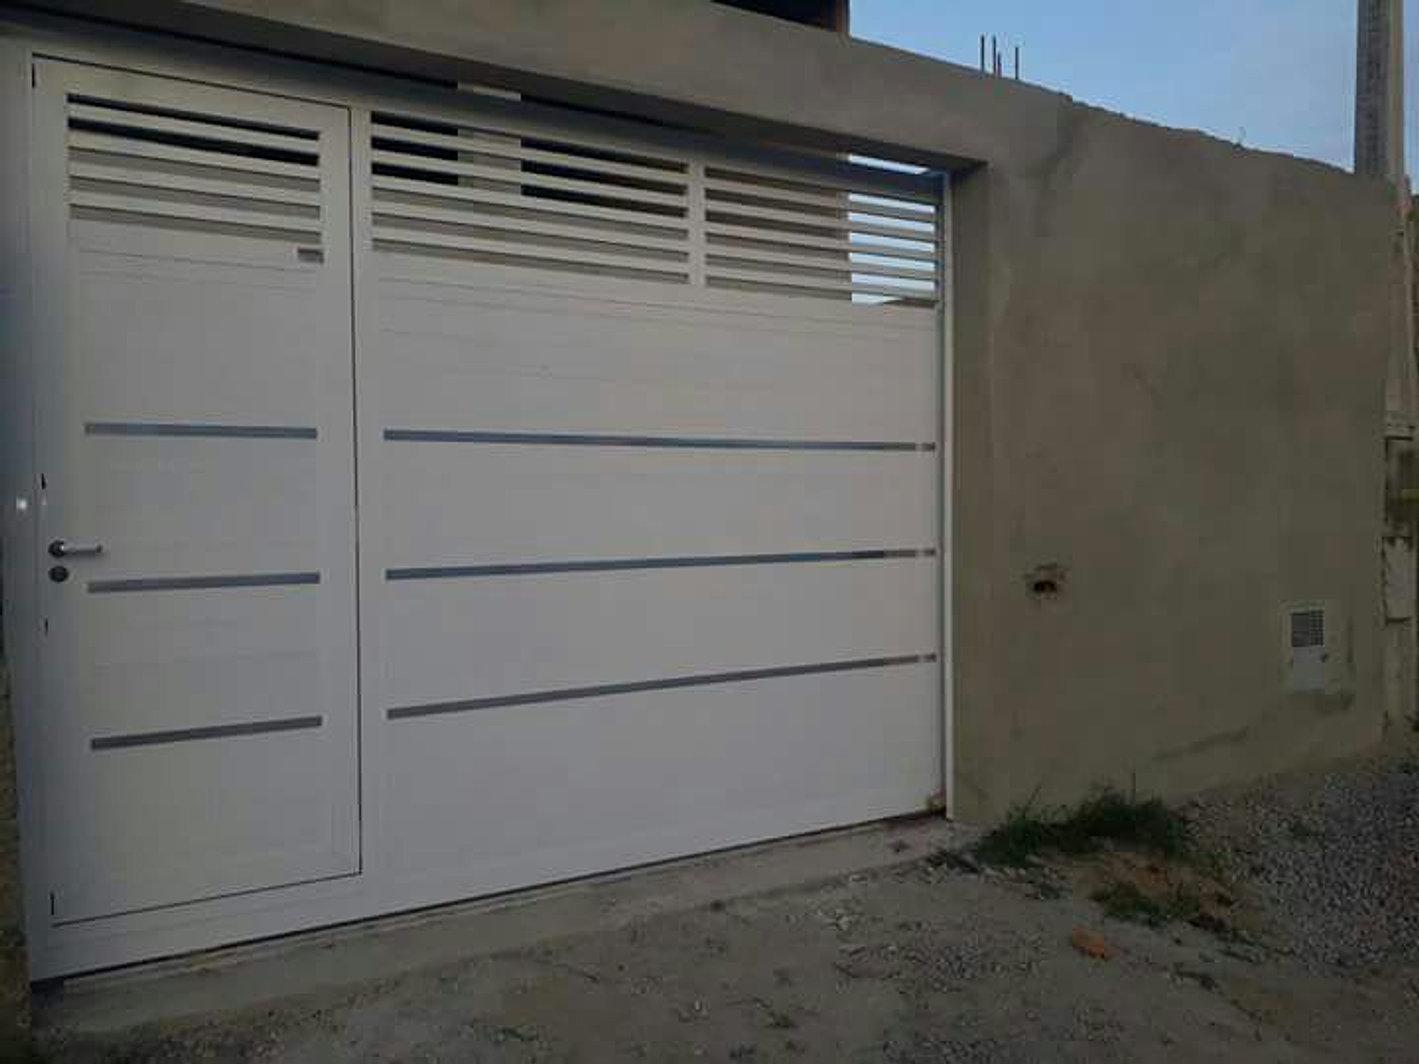 Extremamente Portao Basculante | Pr Portoes/serralheria HM76